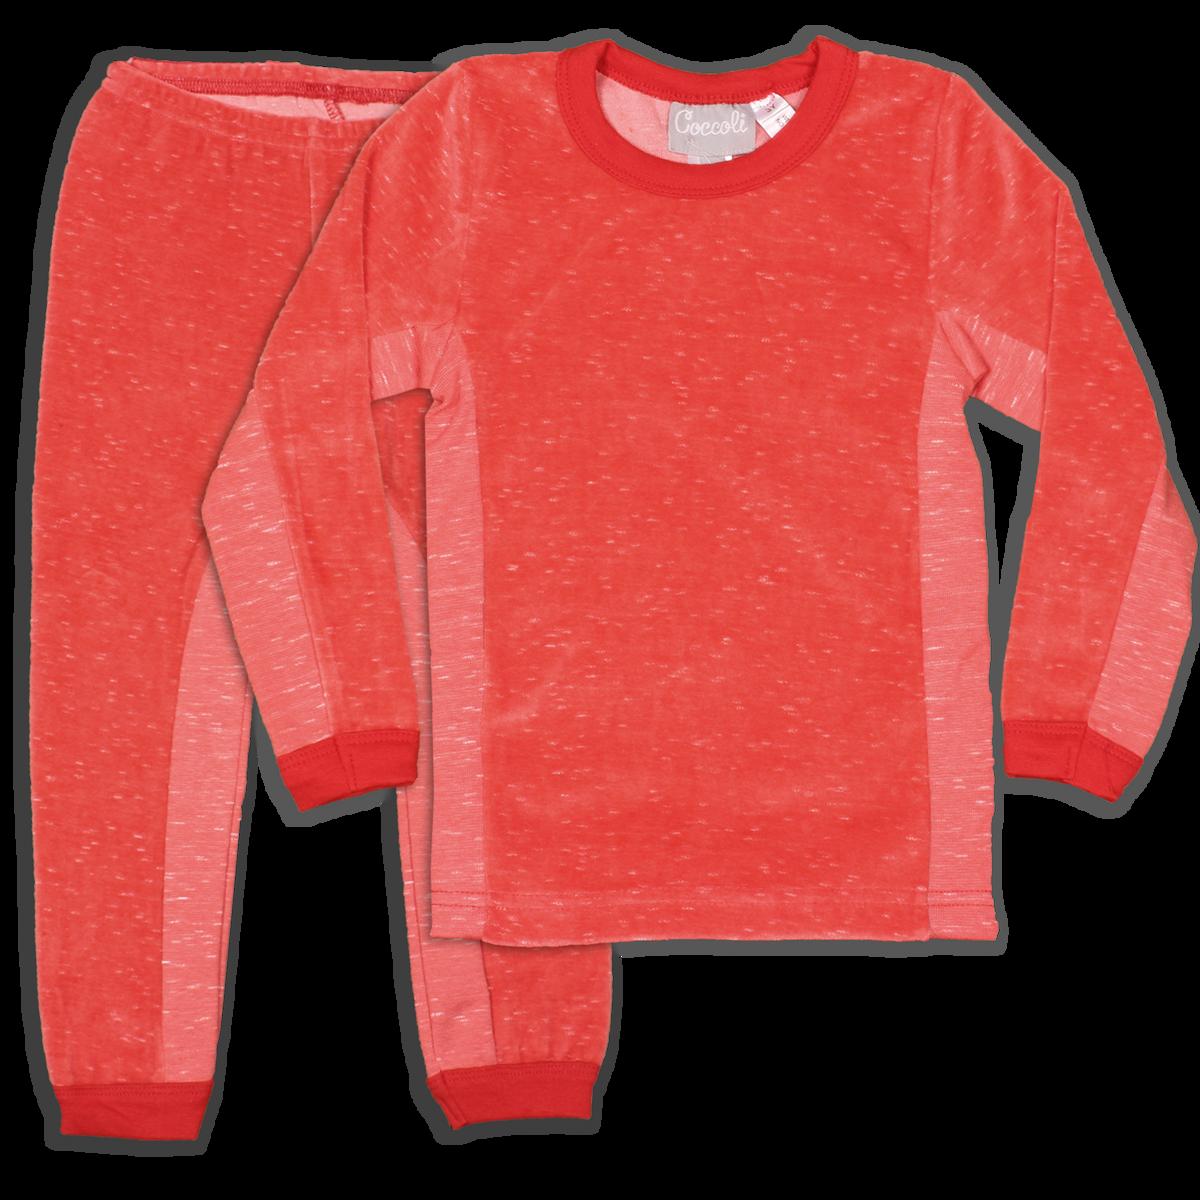 Coccoli Velour | Pyjama | 2y-12y | TLV4704-166